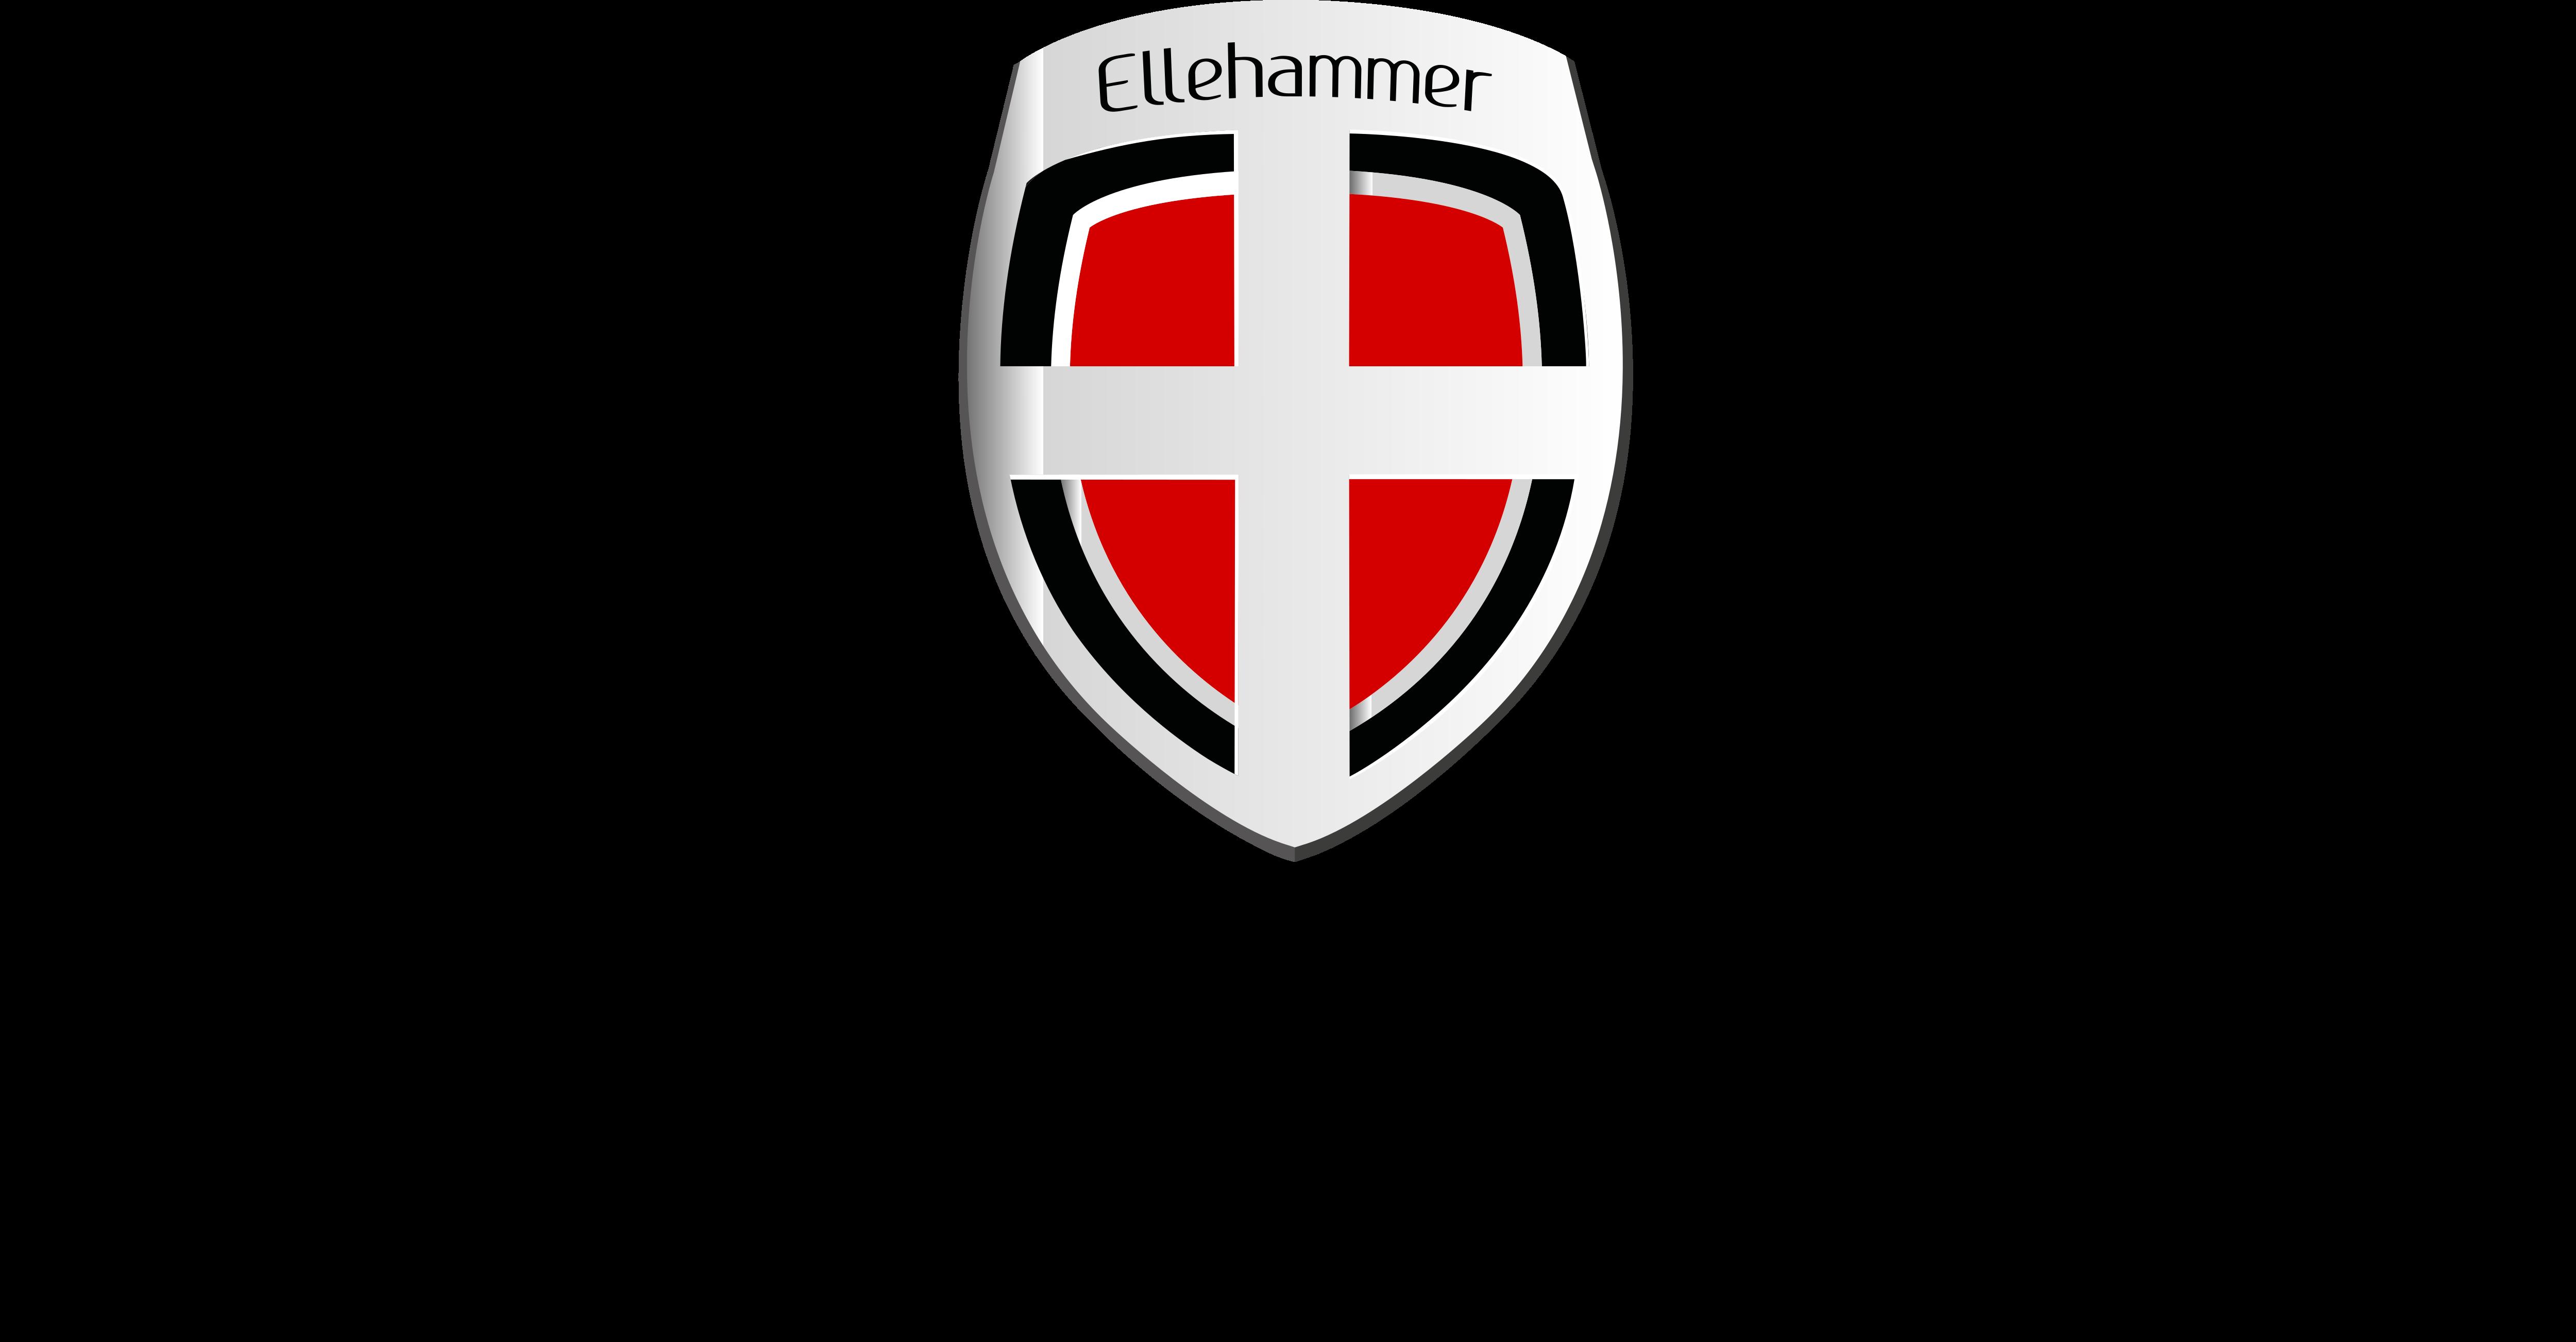 Ellehammer – Logos Download